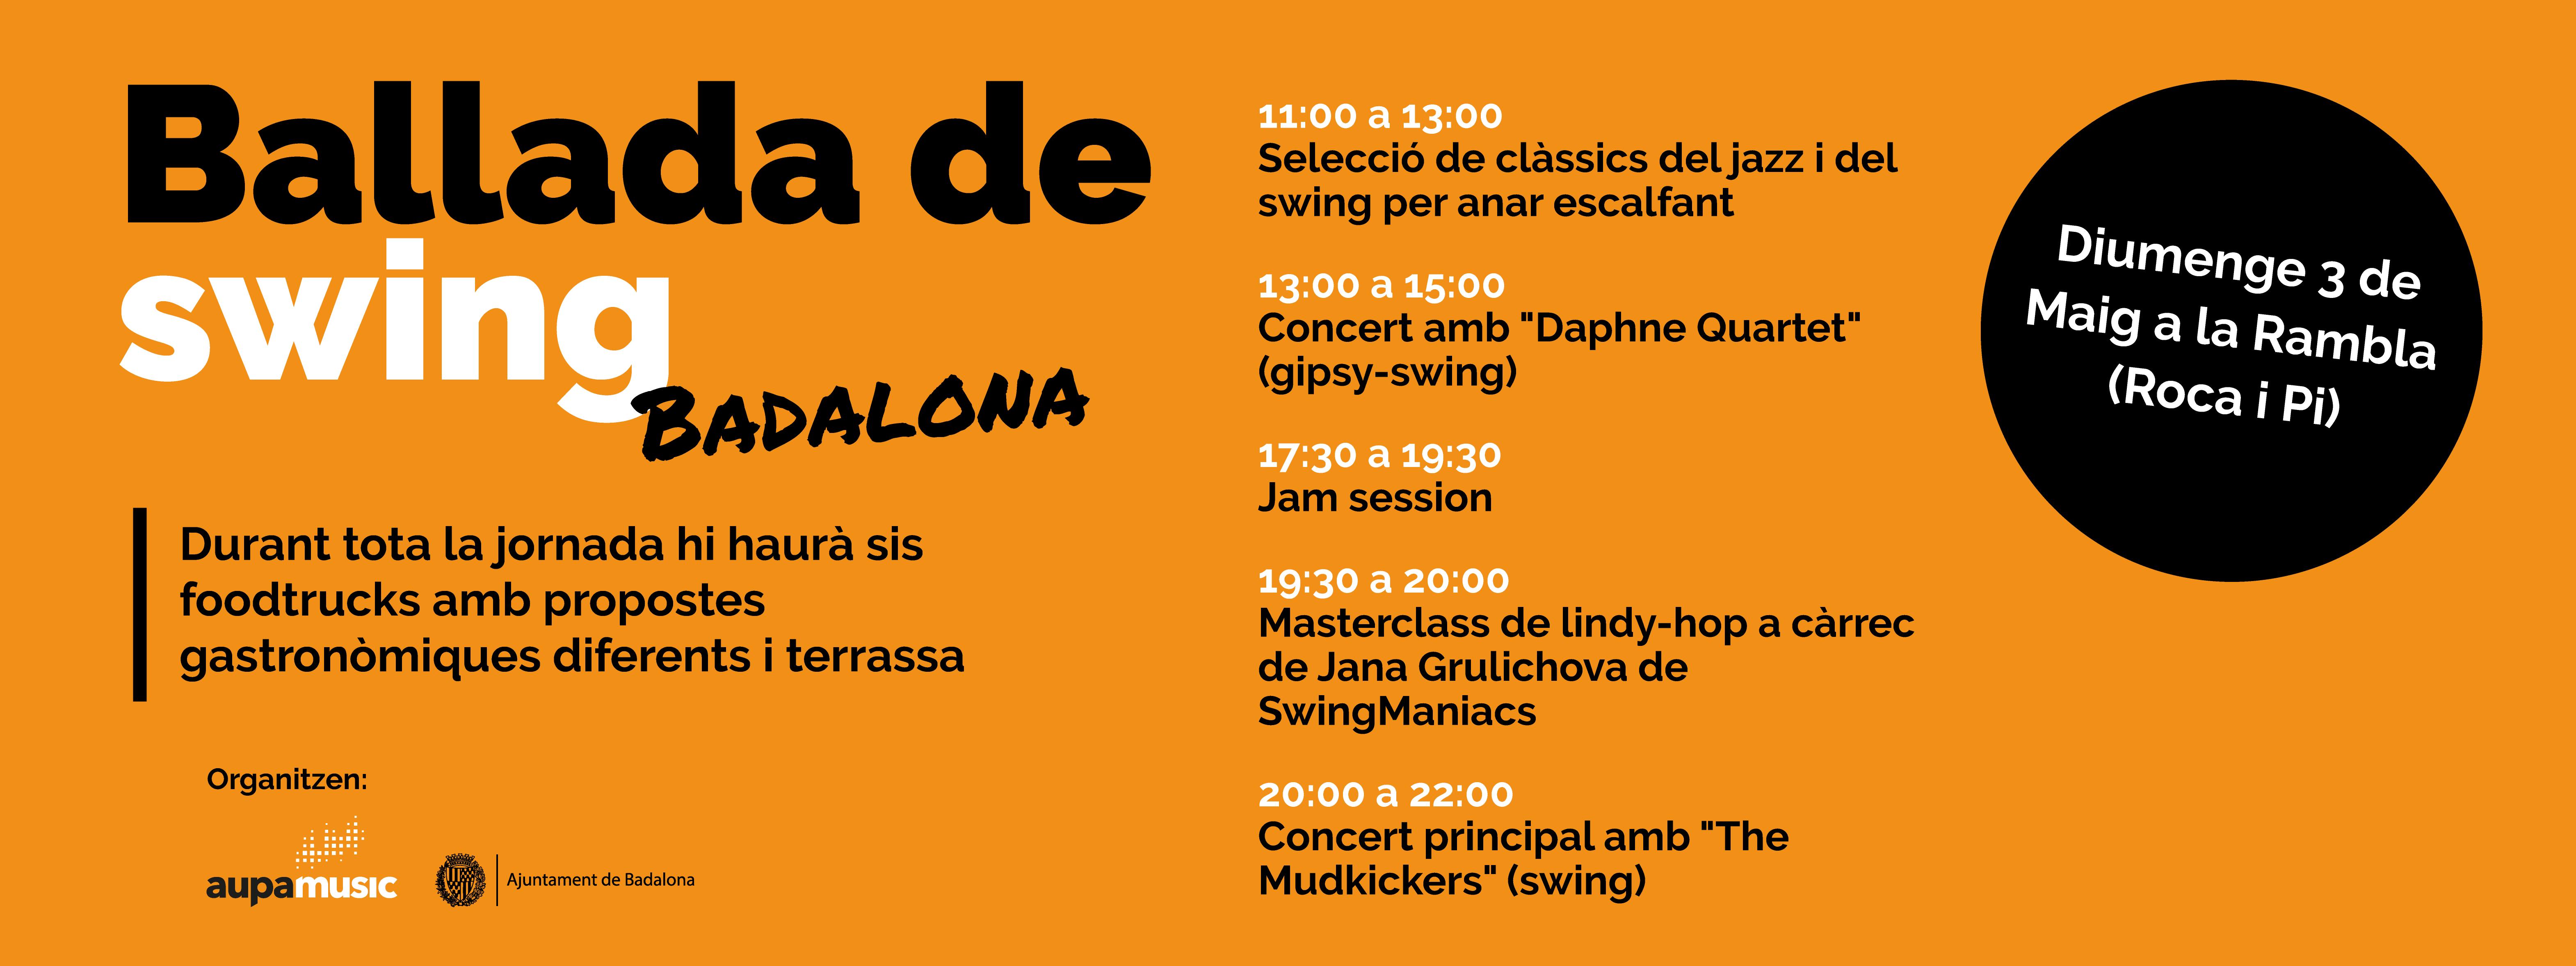 Ballada de Swing a Badalona!